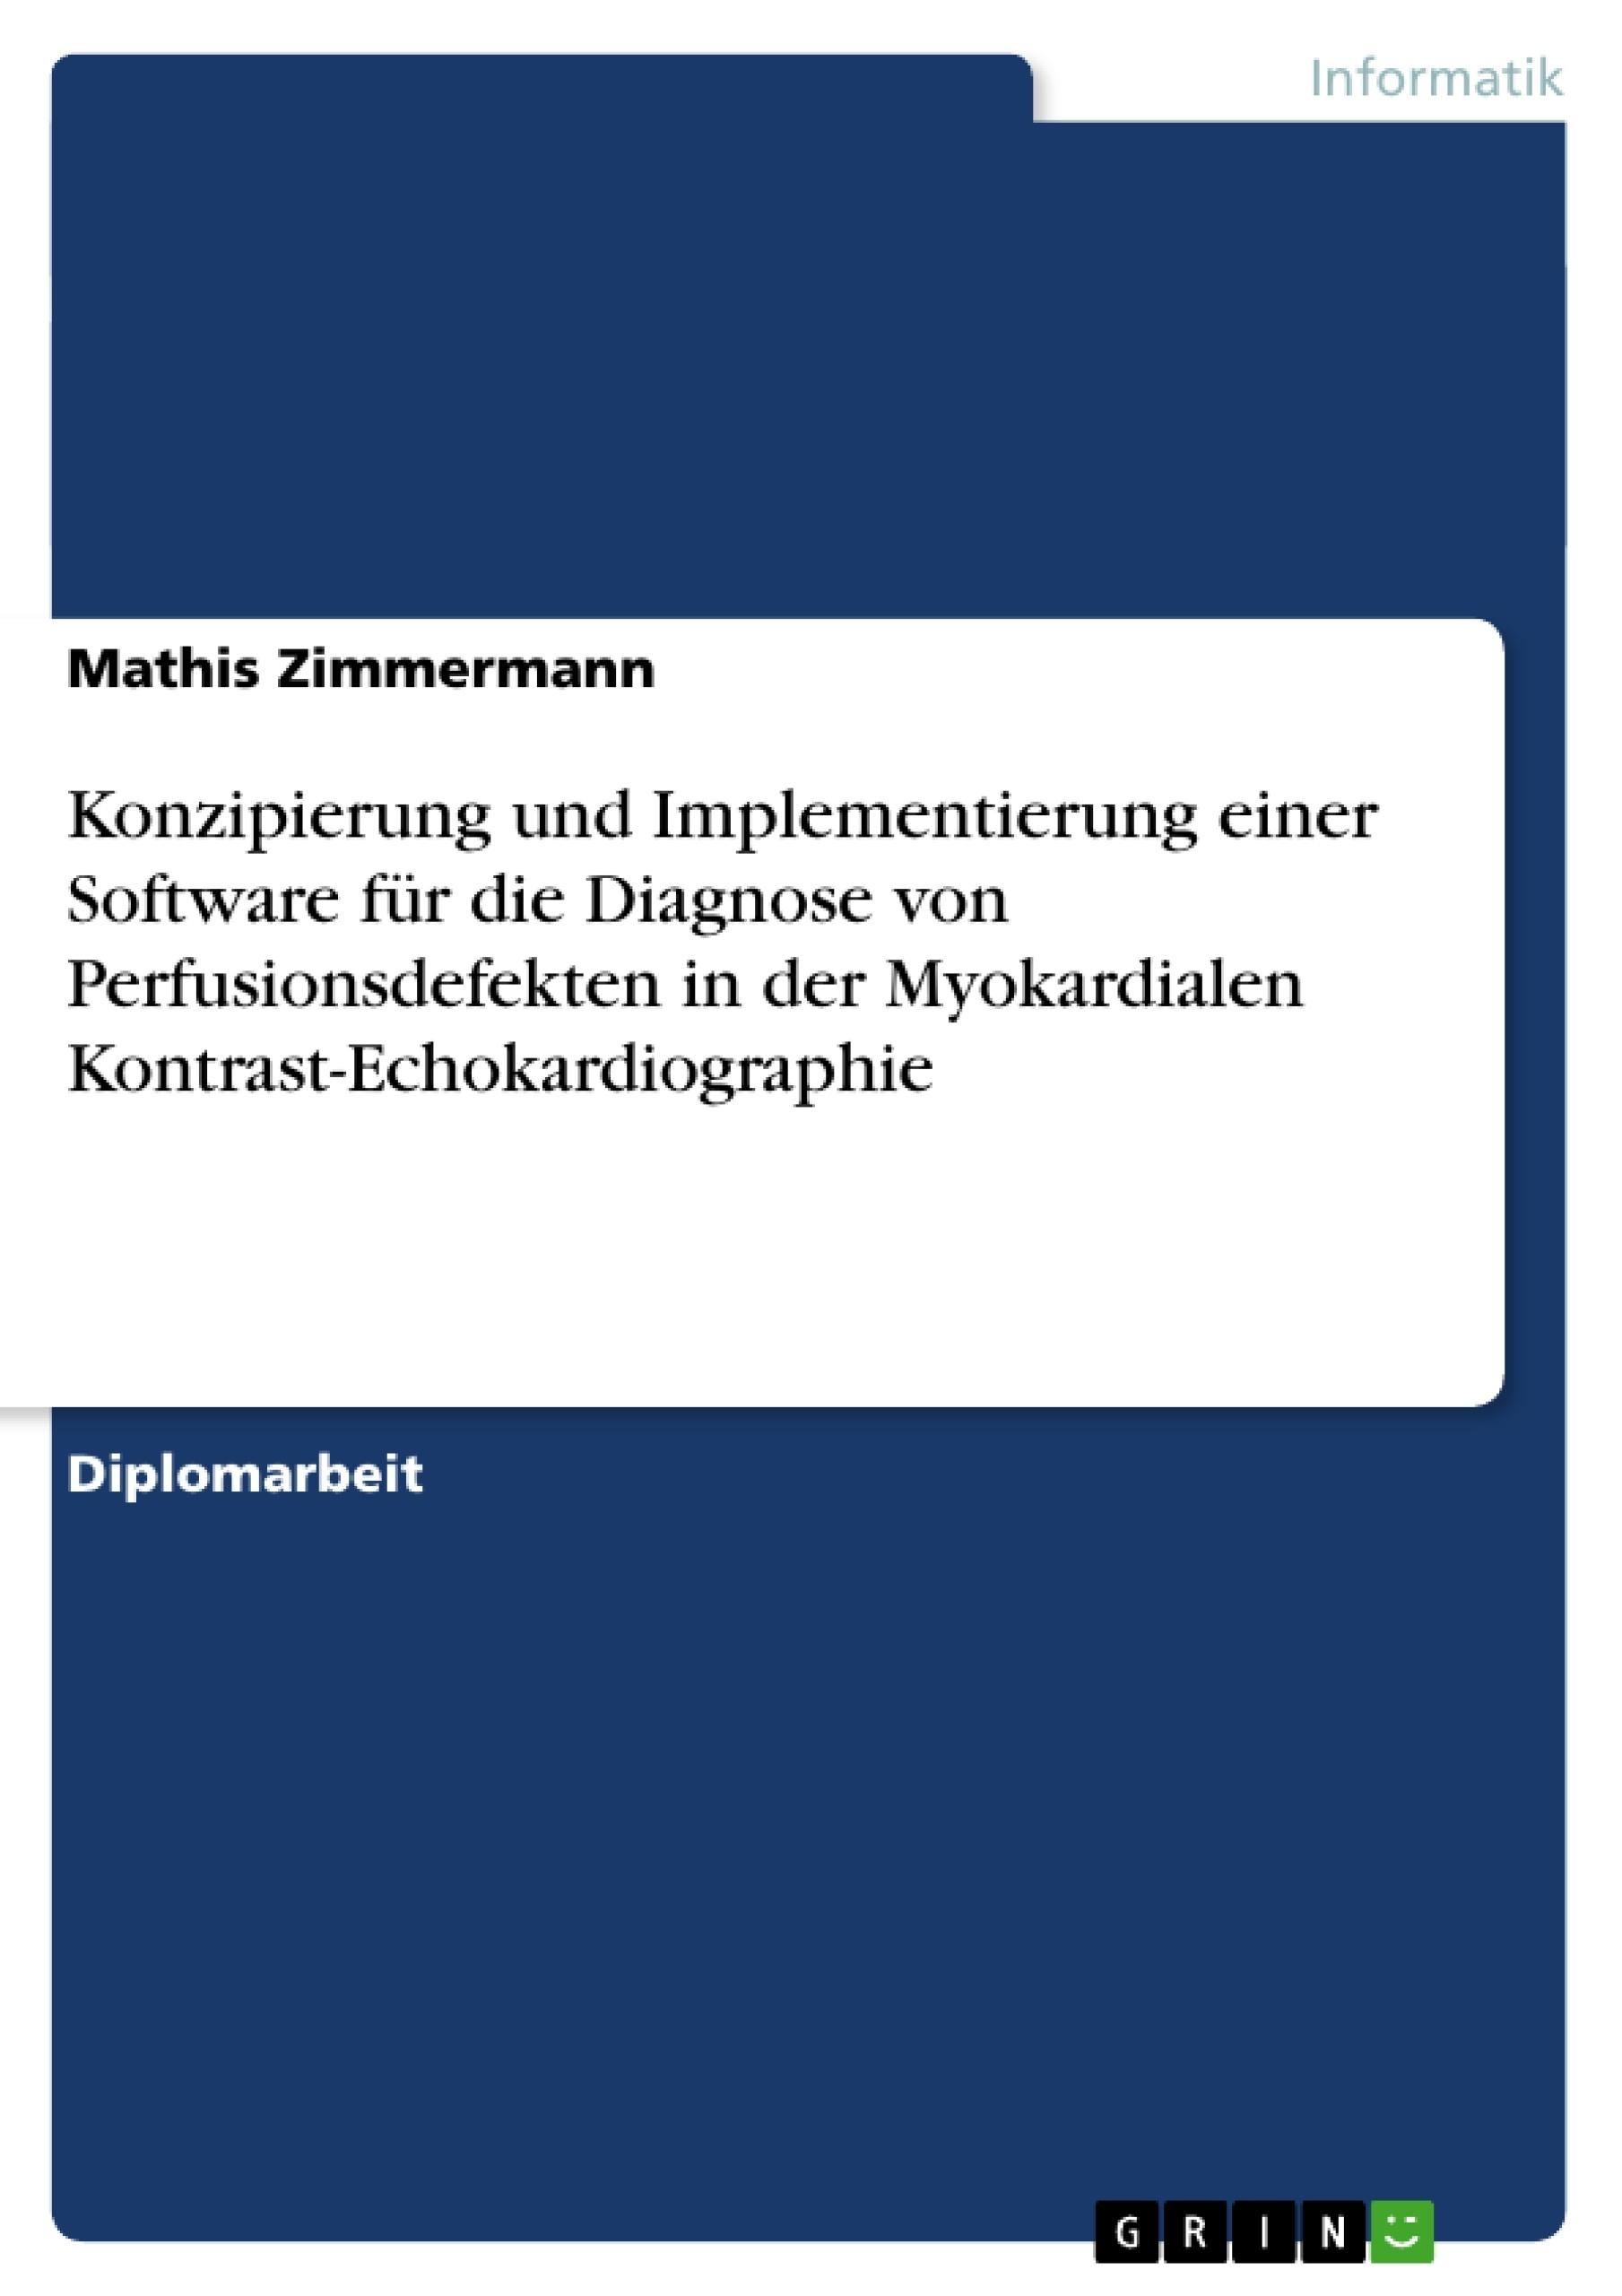 Titel: Konzipierung und Implementierung einer Software für die Diagnose von Perfusionsdefekten in der Myokardialen Kontrast-Echokardiographie